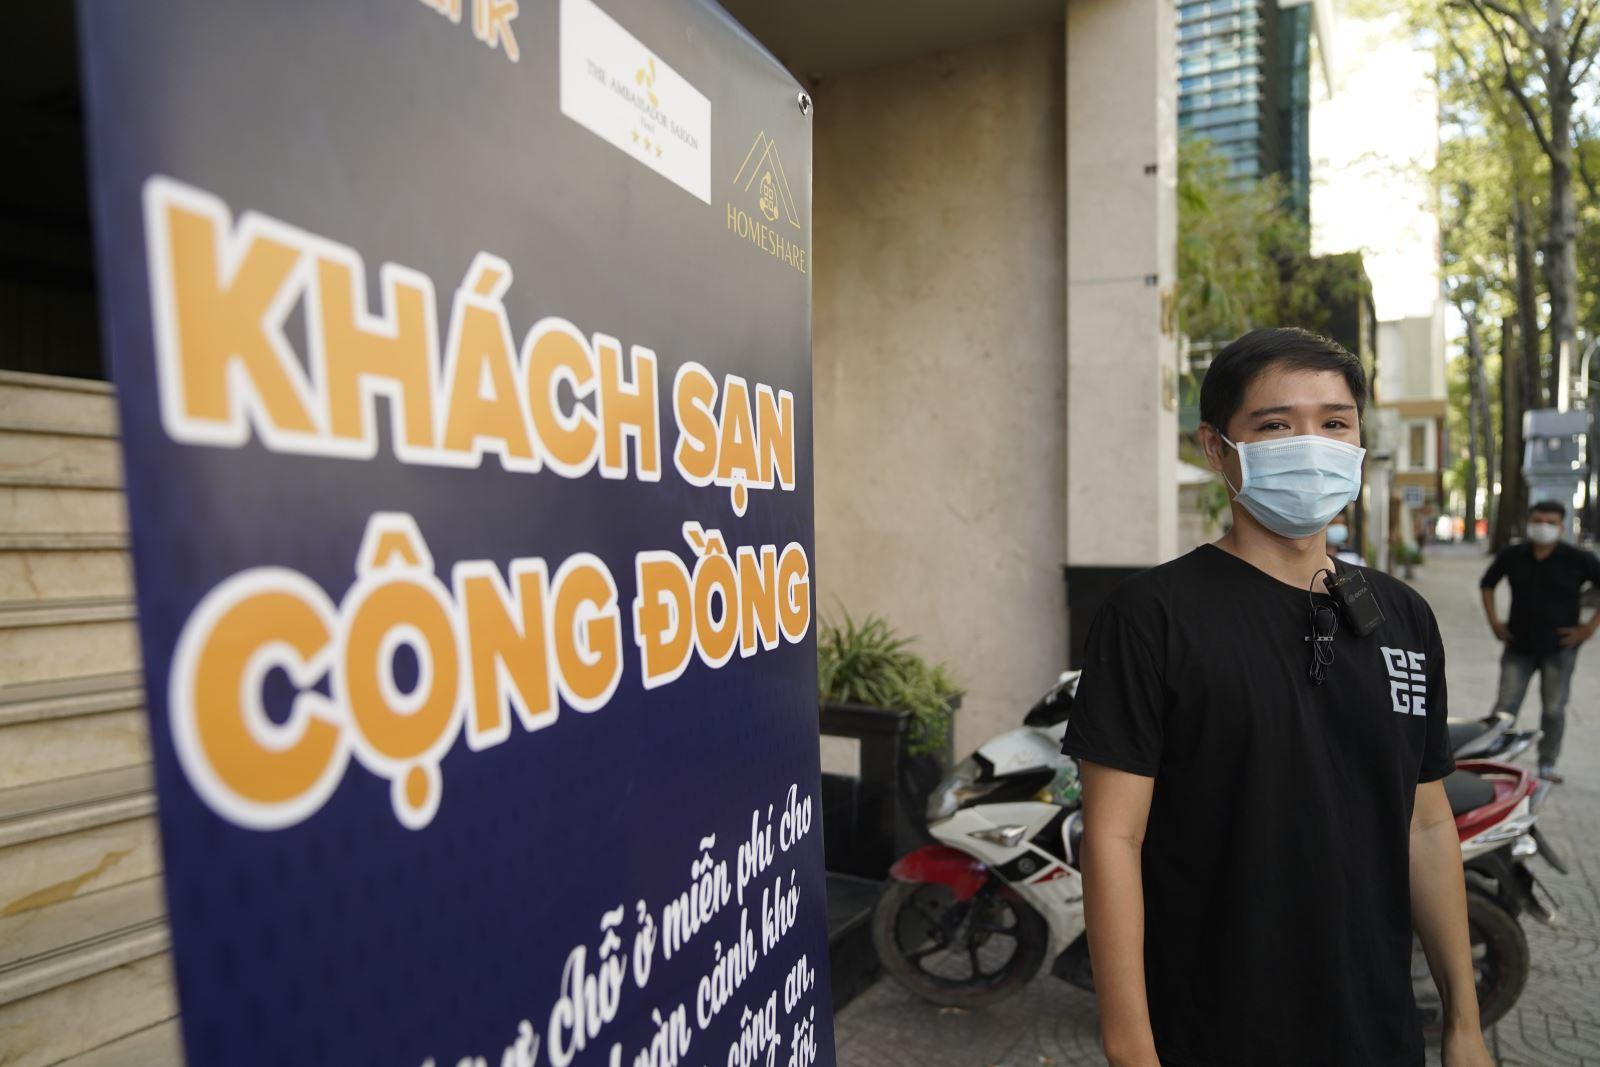 Doanh nghiệp du lịch góp sức cùng TP Hồ Chí Minh vượt khó chống dịch COVID-19